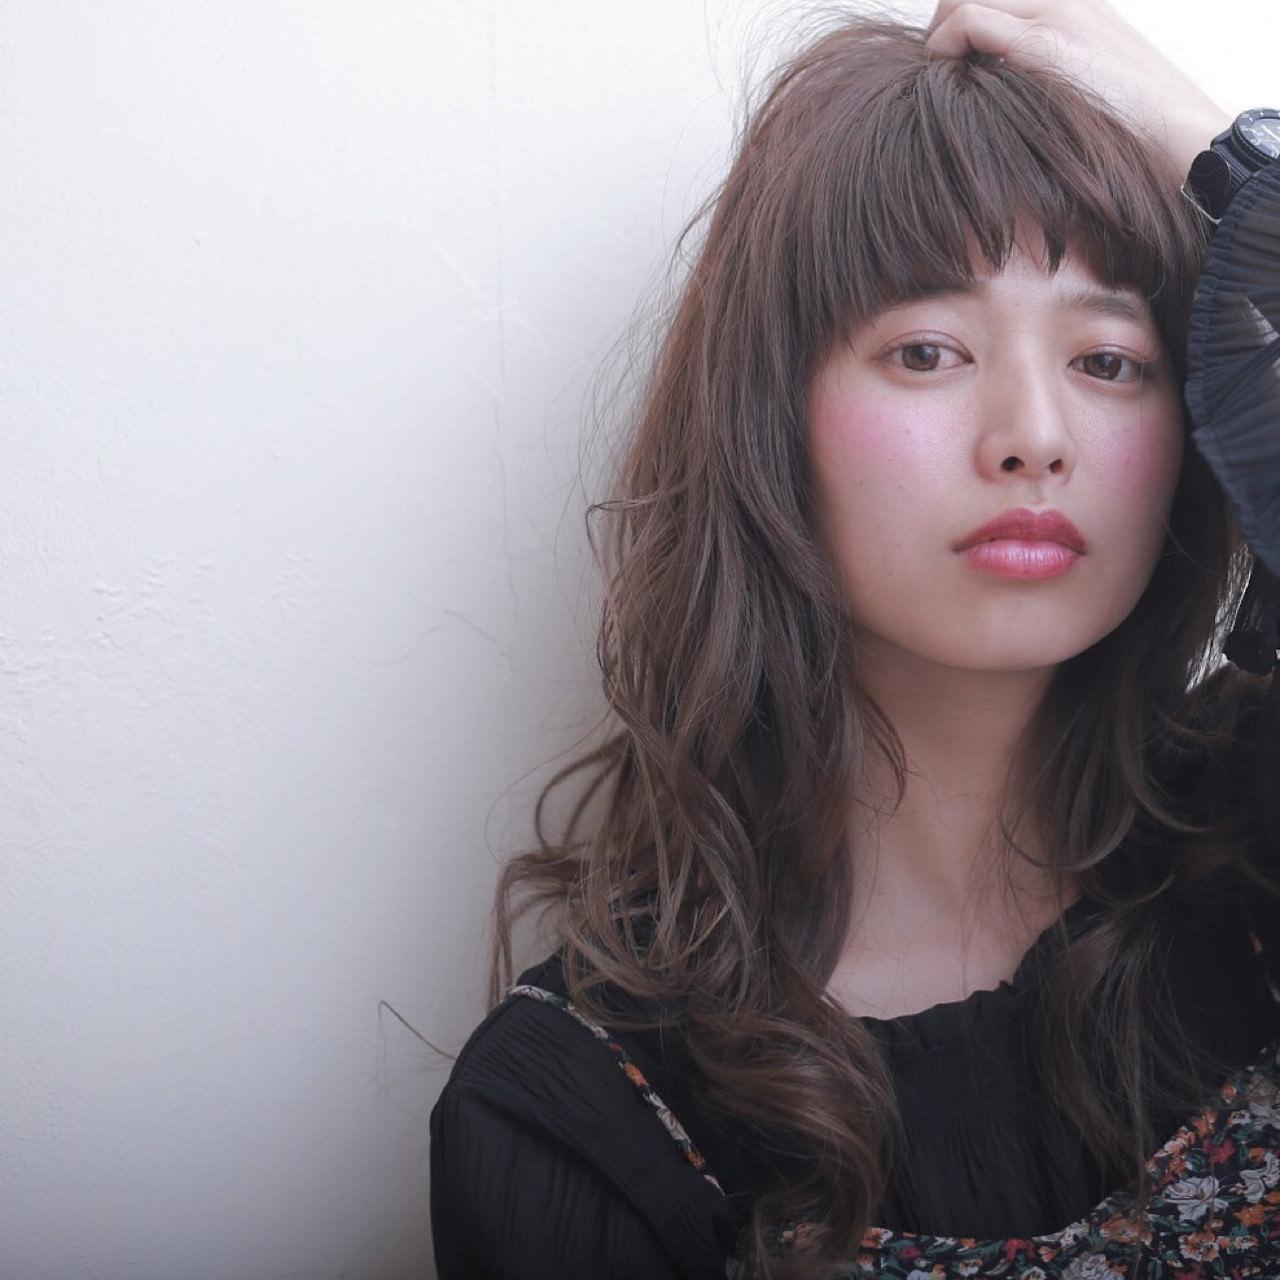 前髪ぱっつんが可愛い♡とことん似合うヘアスタイル5